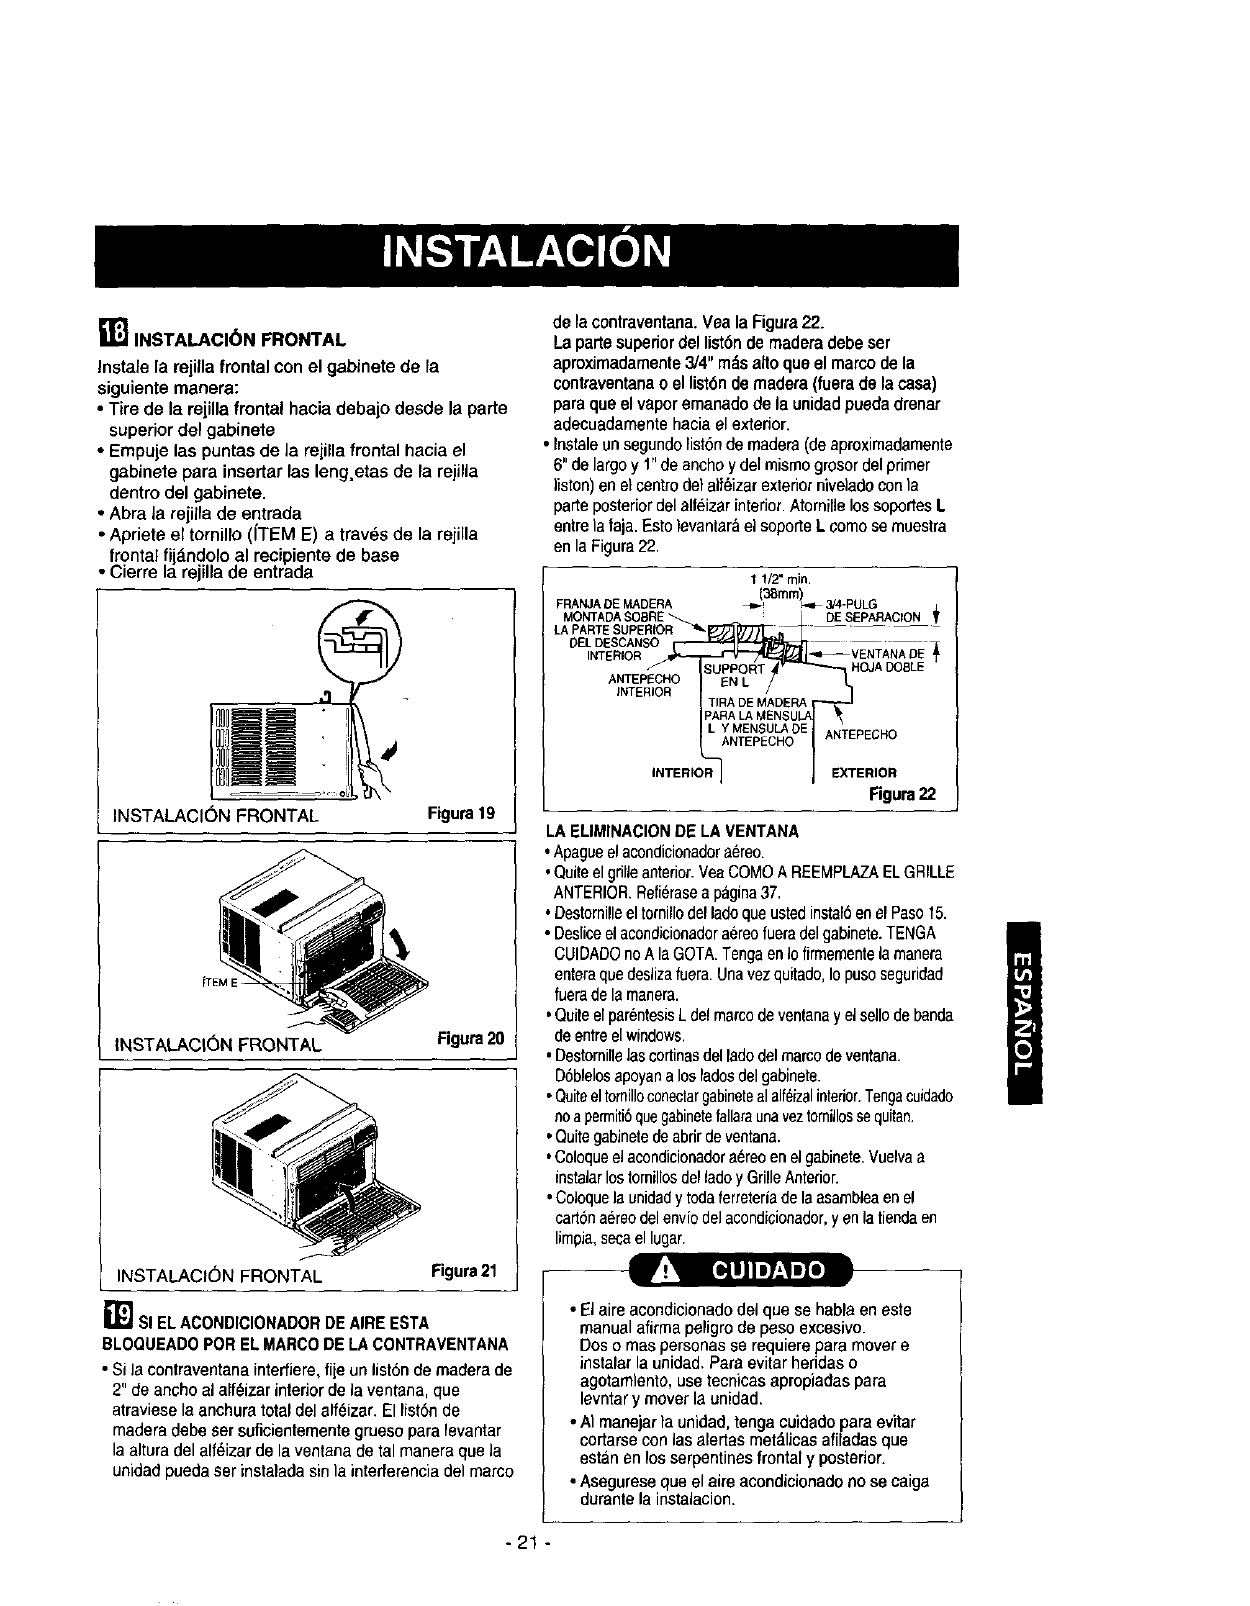 Encantador Kit Marco De La Ventana Elaboración - Ideas ...